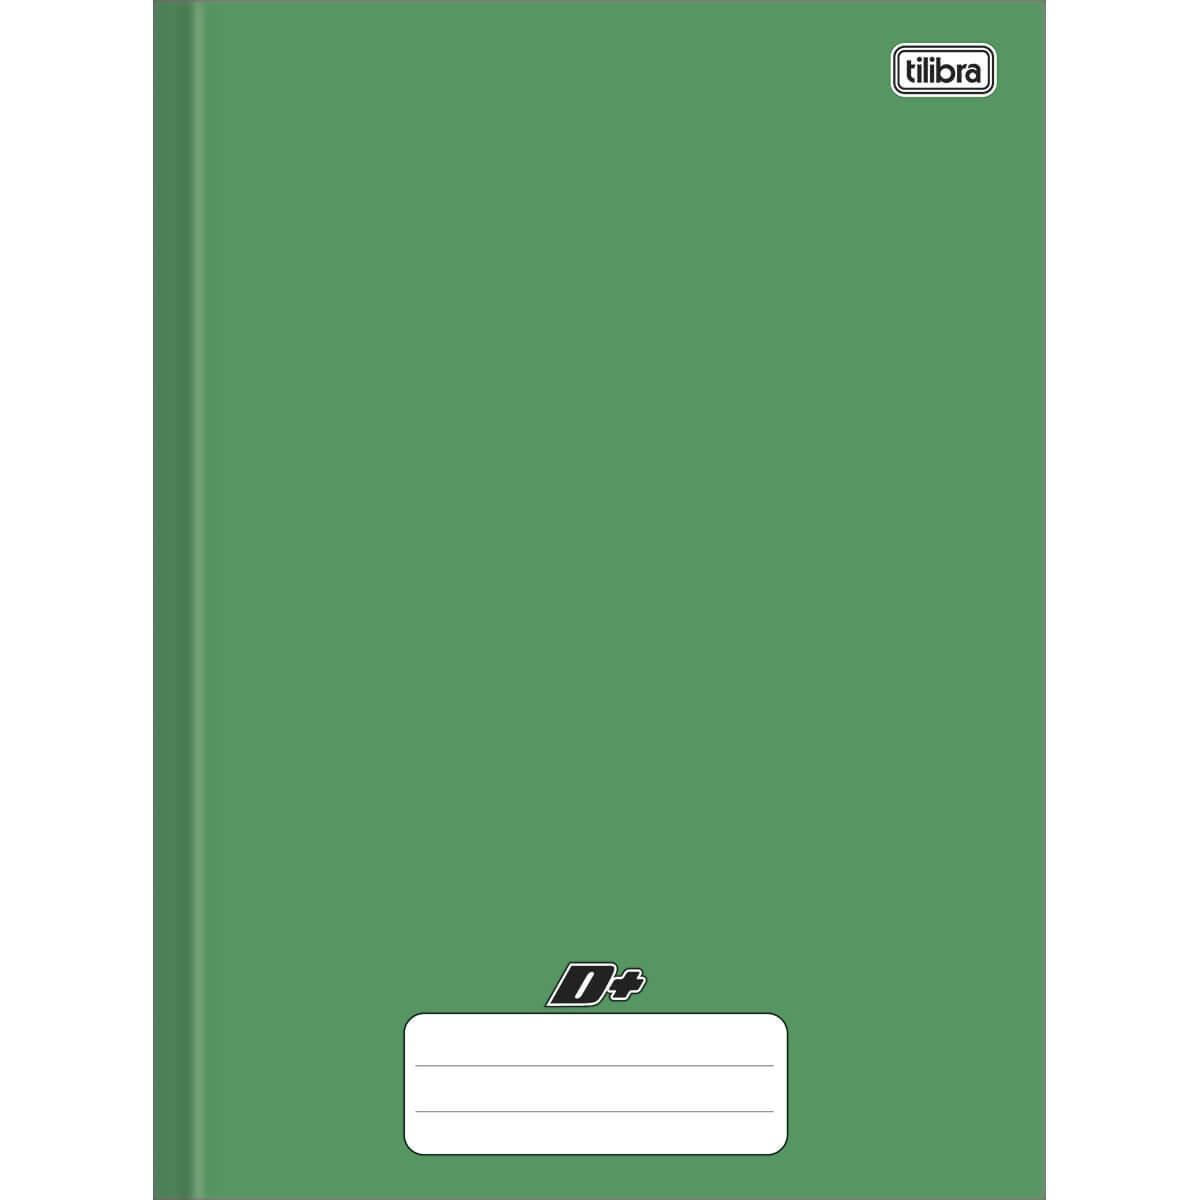 Caderno Brochura Capa Dura Universitário D+ Verde 96 Folhas